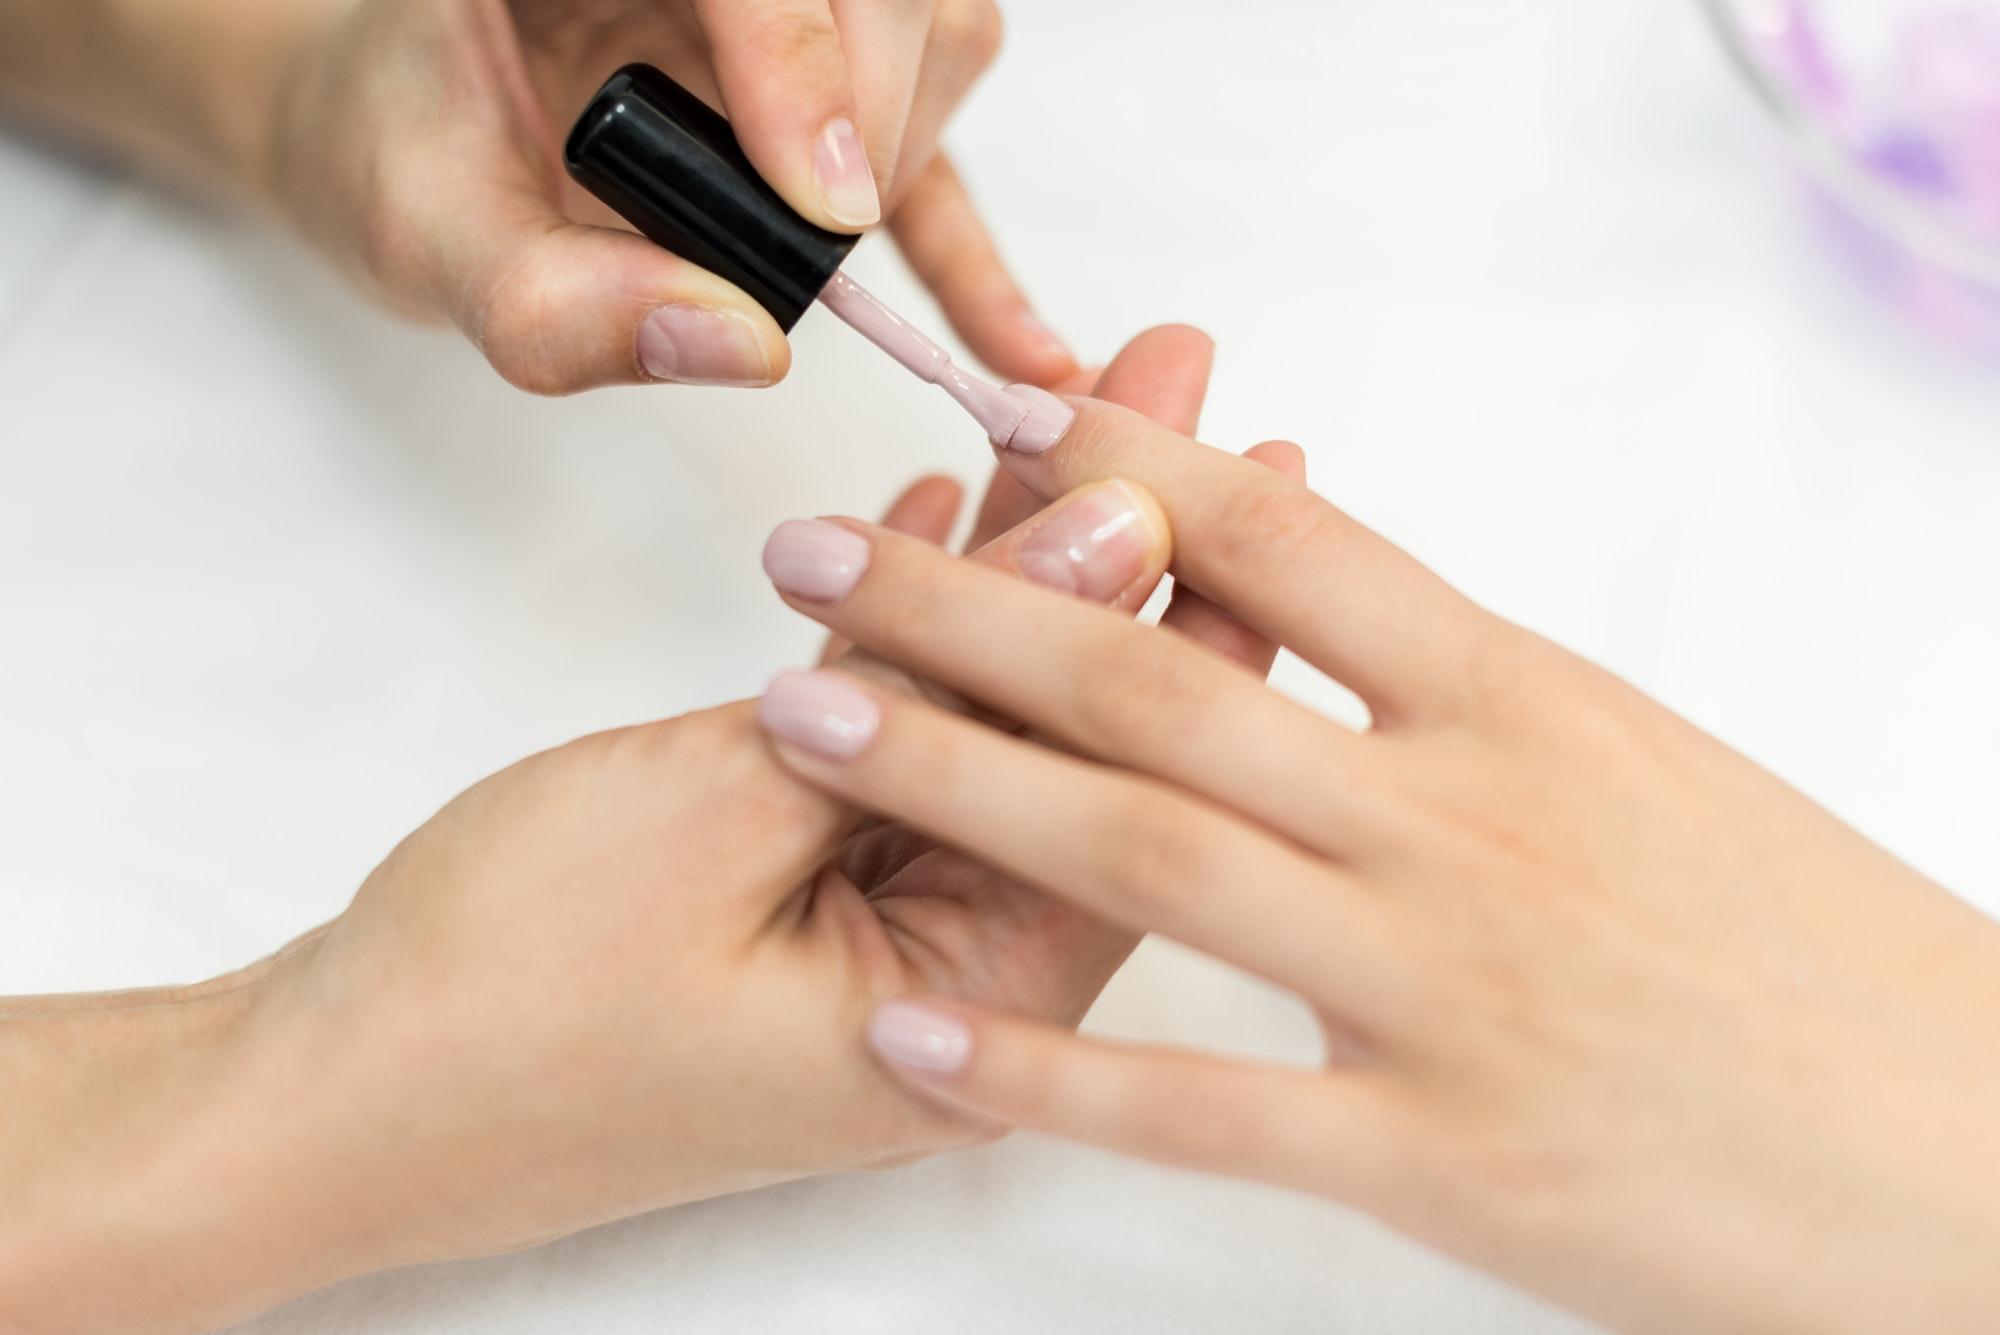 Frau lackiert anderer Frau die Nägel